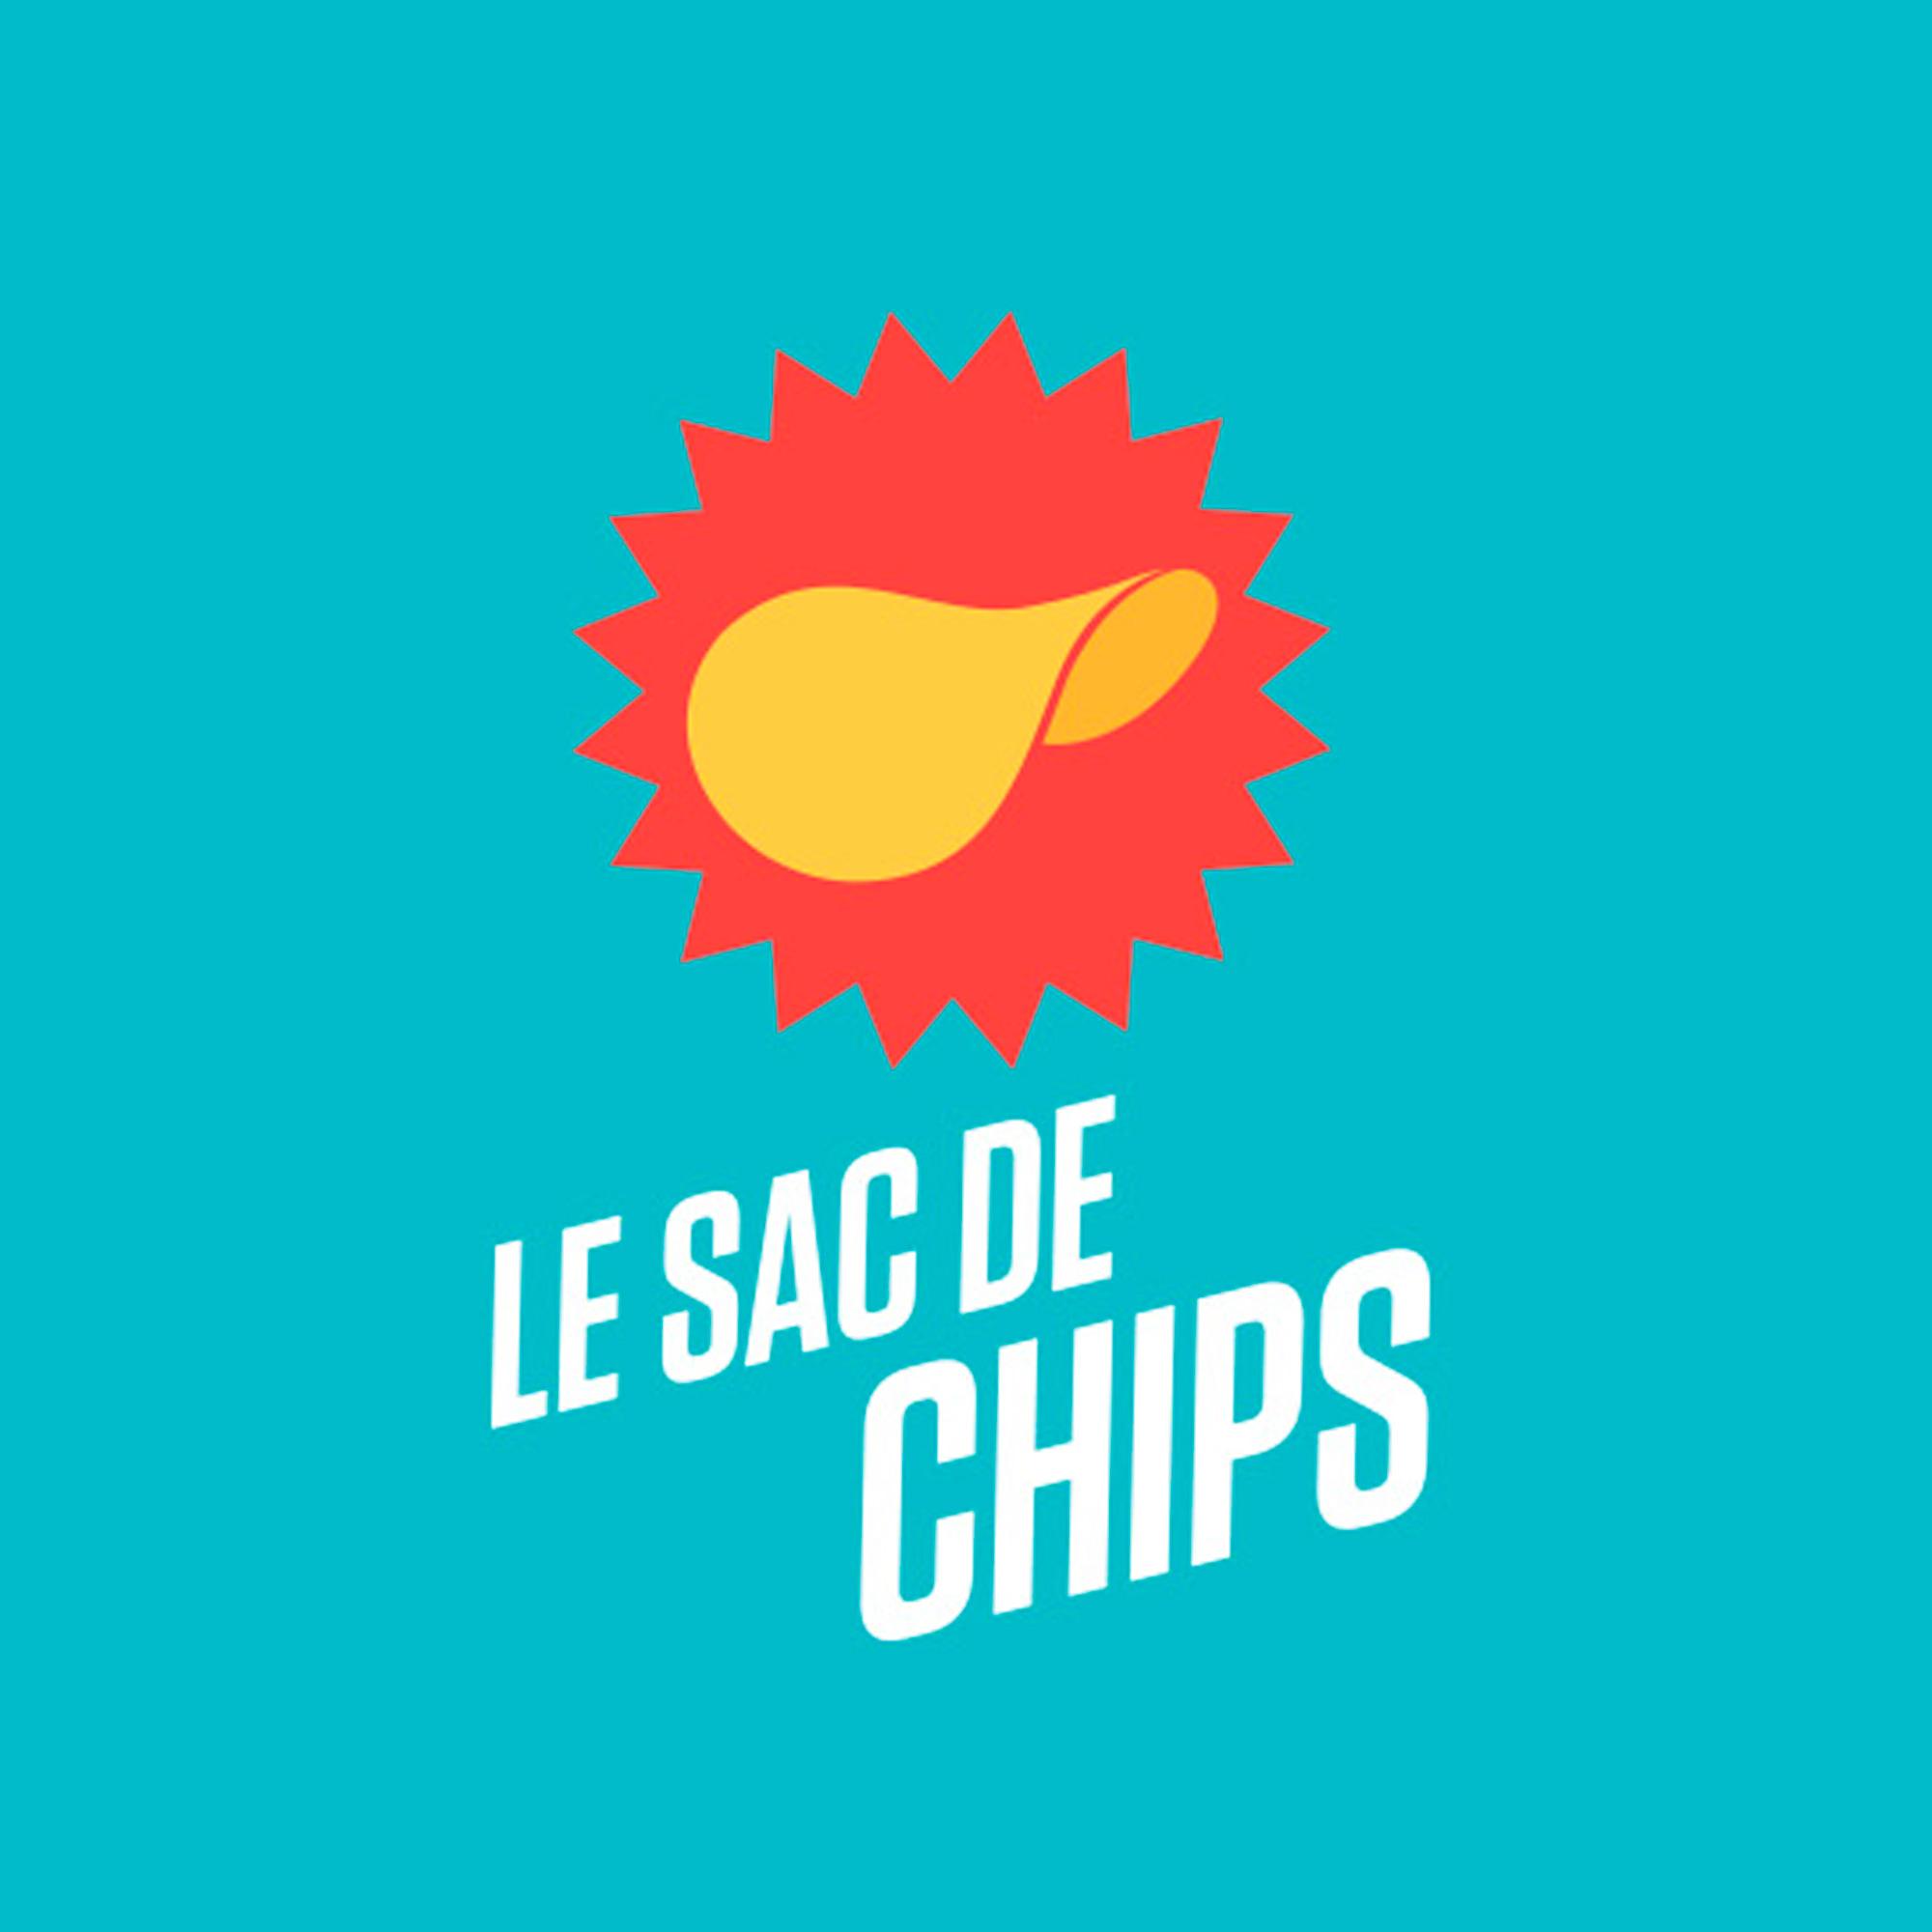 Le sac de chips